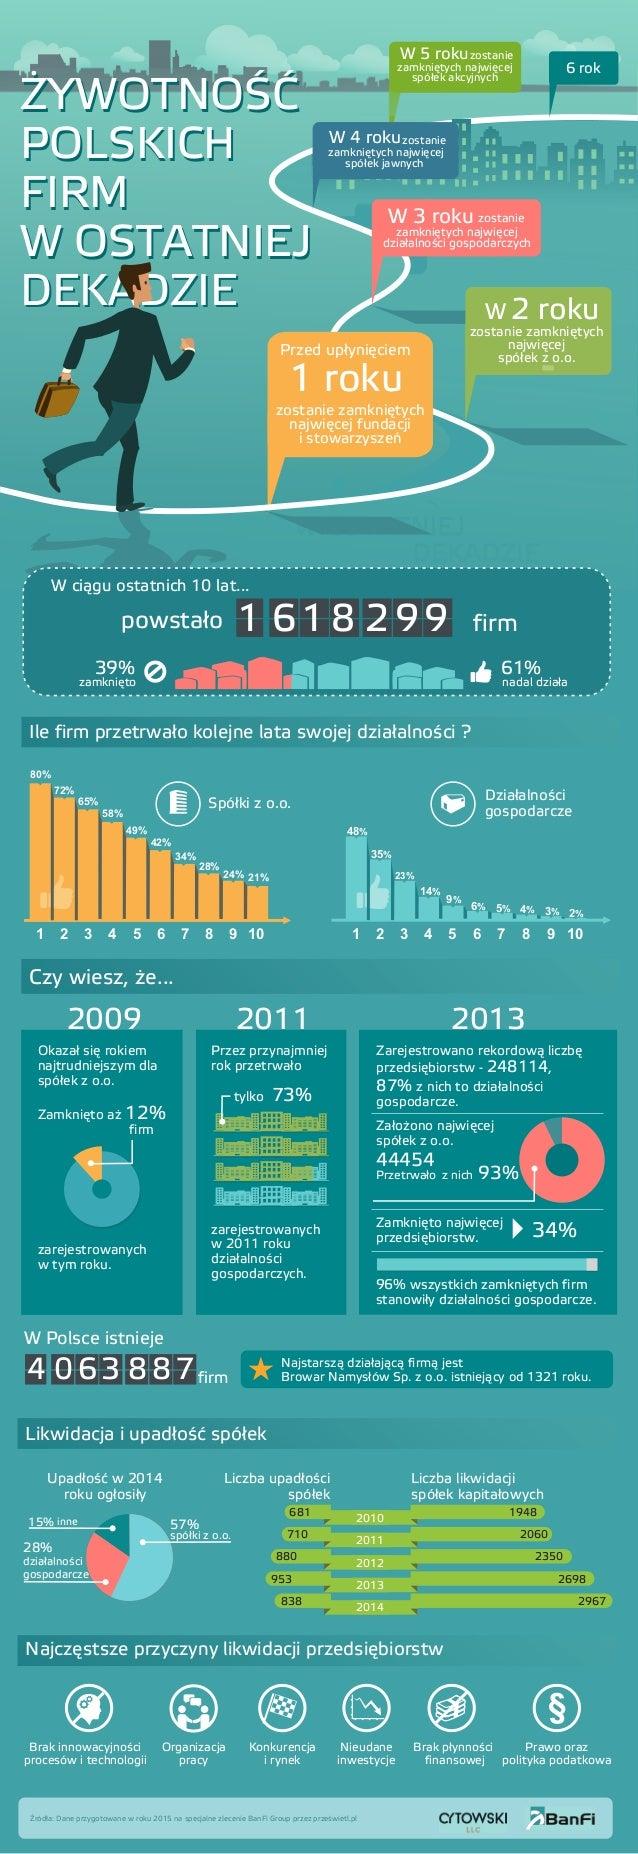 Przez przynajmniej rok przetrwało zarejestrowanych w 2011 roku działalności gospodarczych. tylko 73% W Polsce istnieje fir...